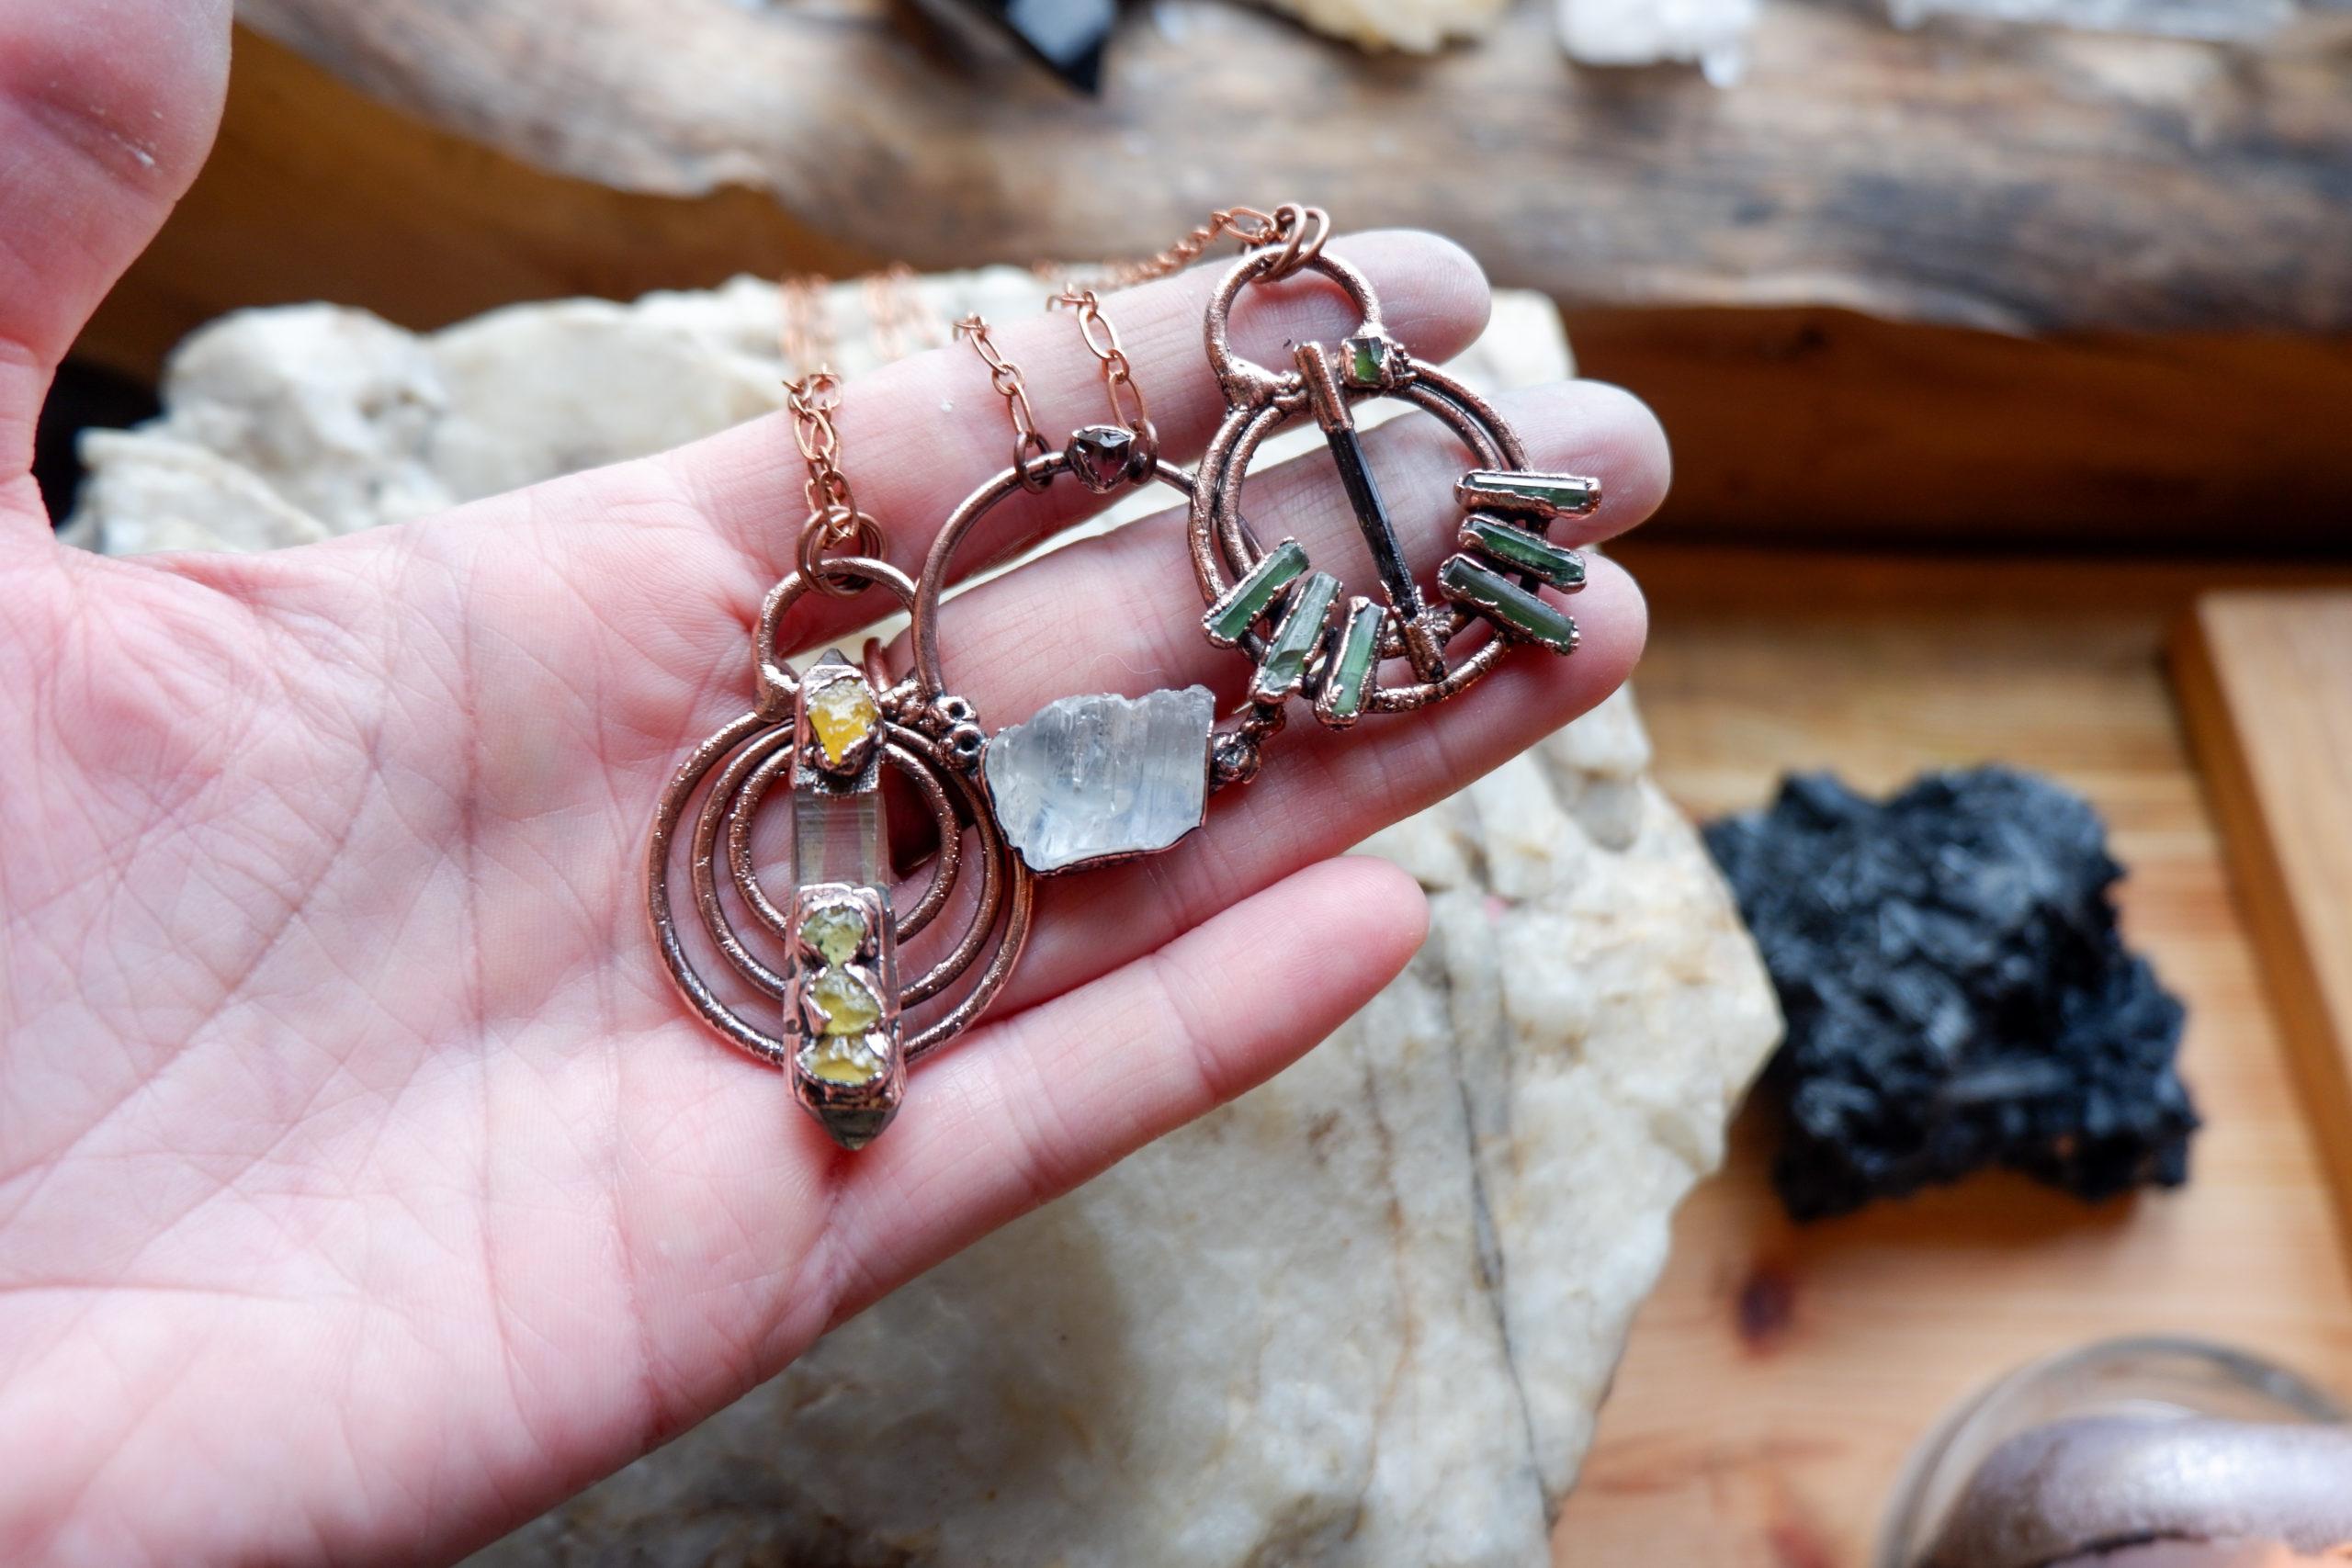 Šperky z minerálů – nejlepší forma krystaloterapie